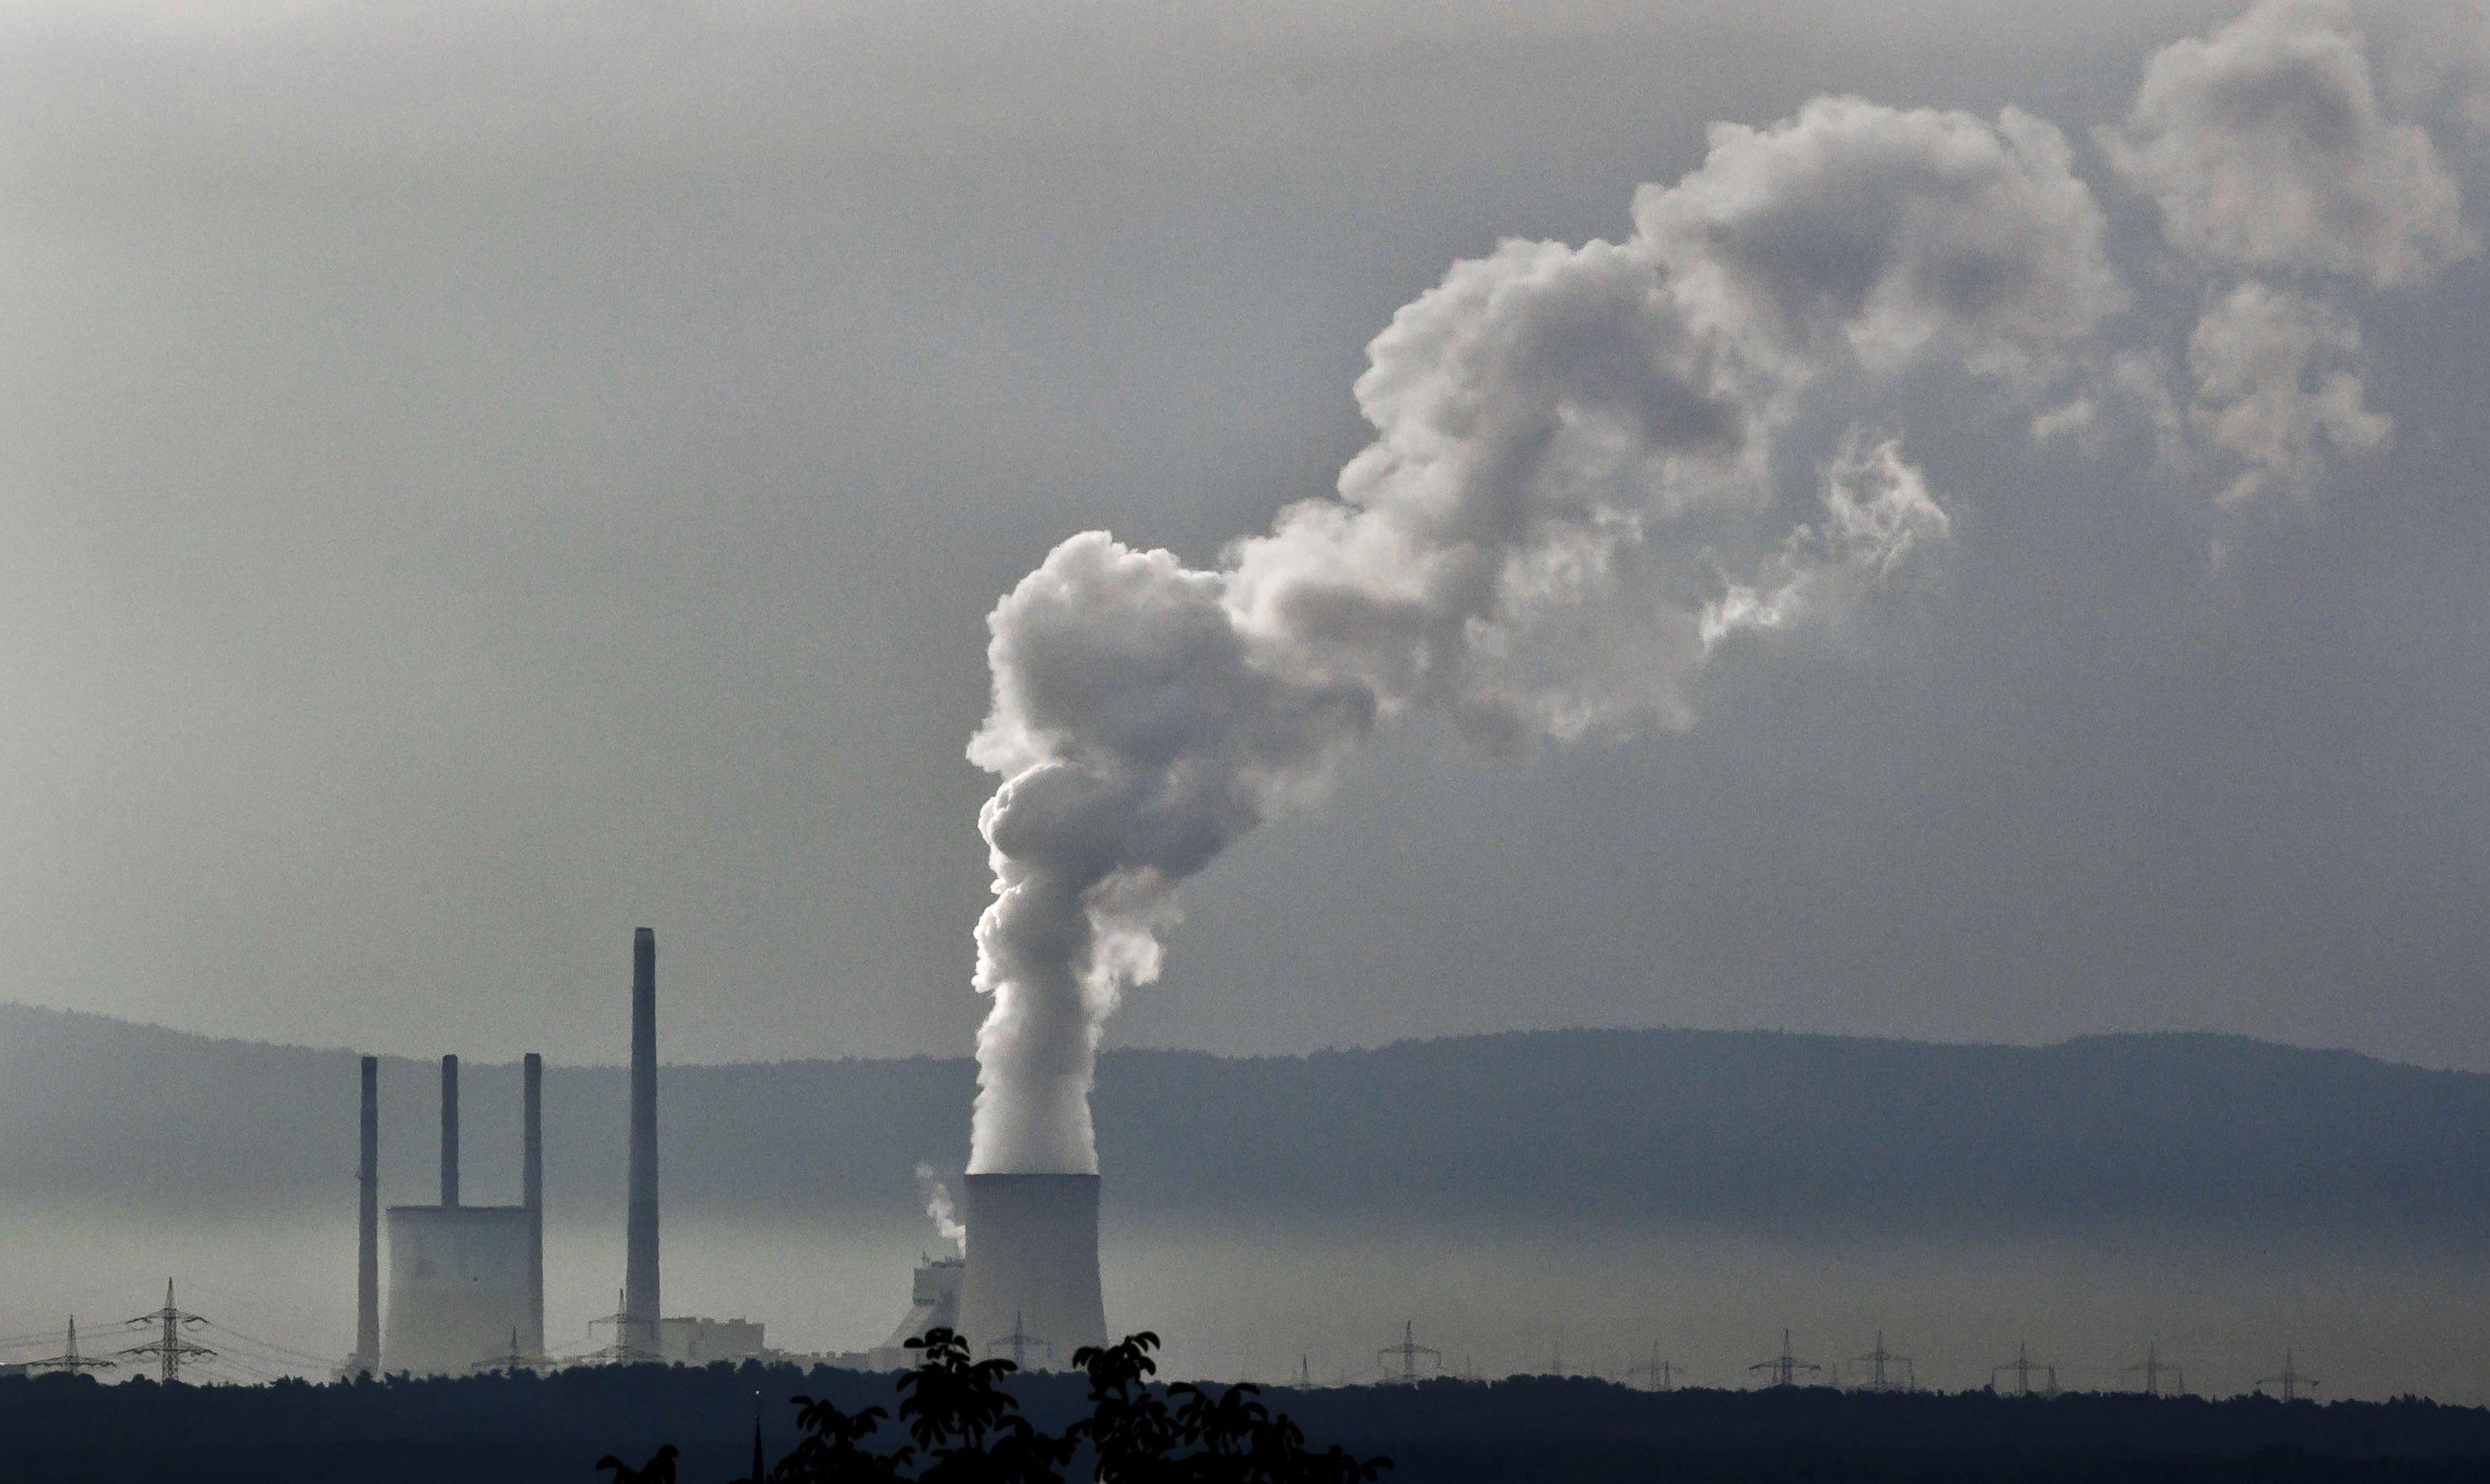 Eine Kohlekraftwerk ist quasi der verlängerte Auspuff aller E-Autos, die mit Kohlestrom fahren. Die Ökobilanz der Menschheit verbessern sie nur dann, wenn sie mit Strom aus Wind-, Wasser und Solarkraftwerken fahren.